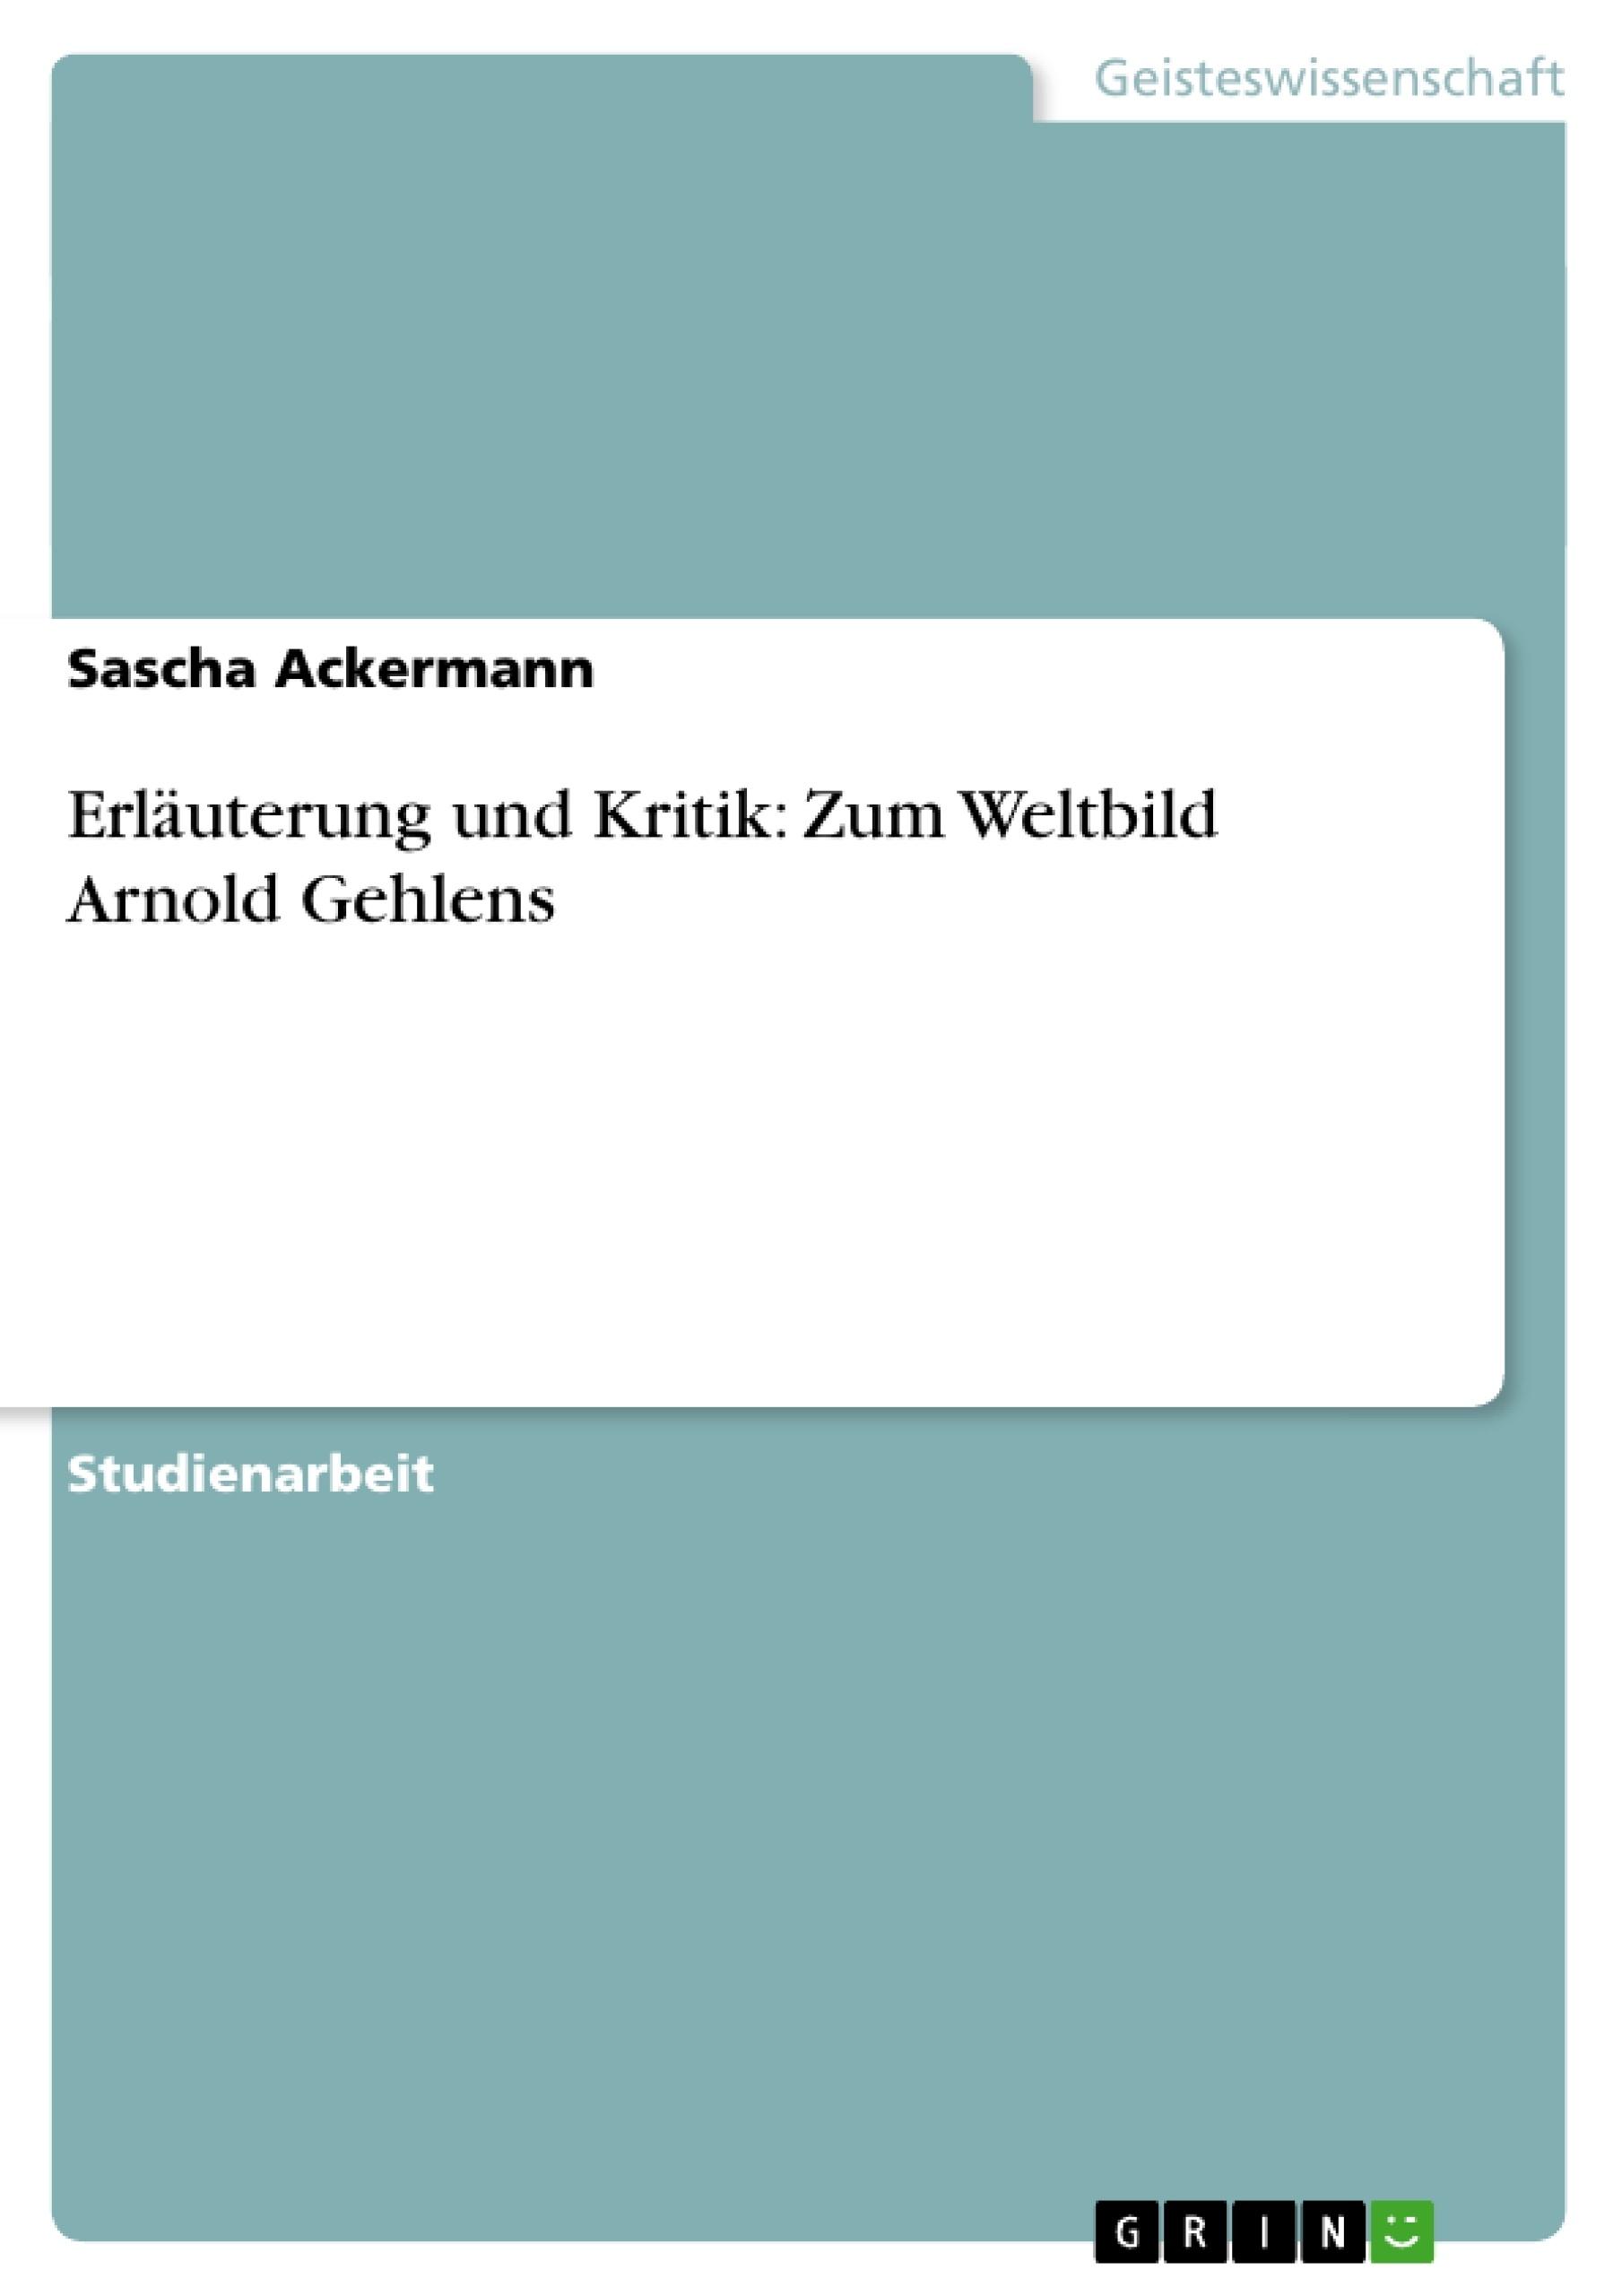 Titel: Erläuterung und Kritik: Zum Weltbild Arnold Gehlens